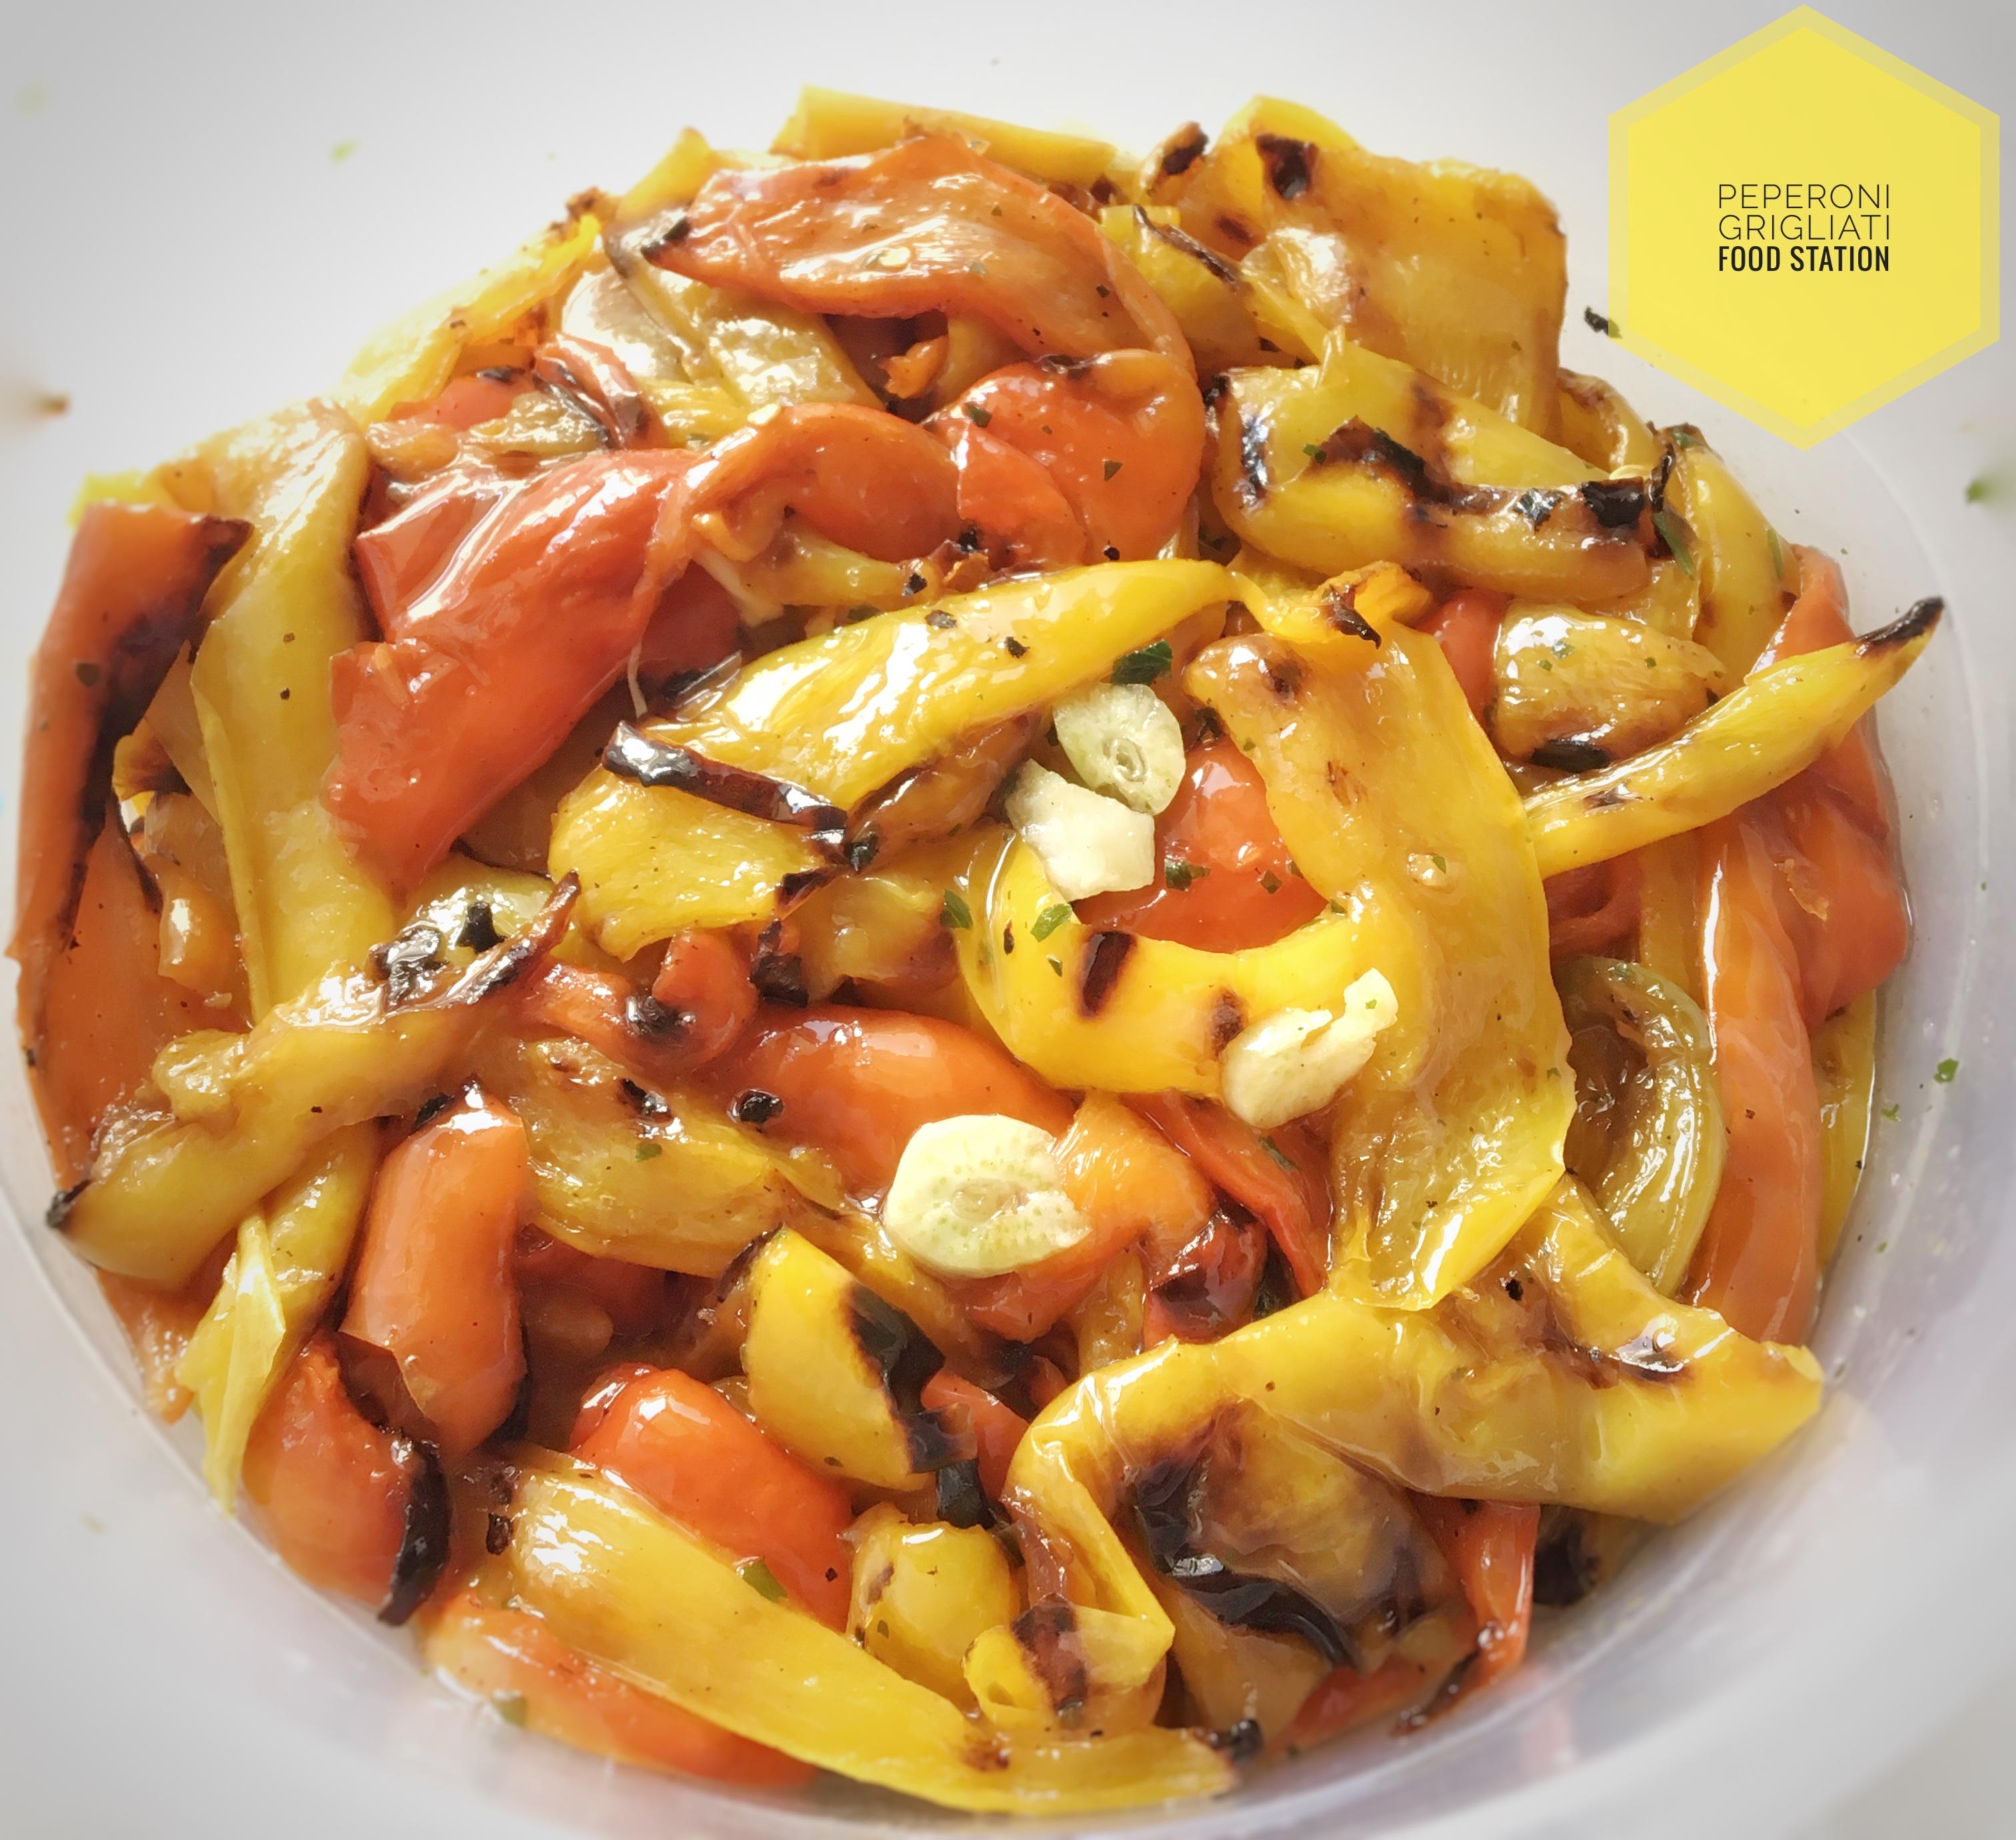 peperoni-foodstation4